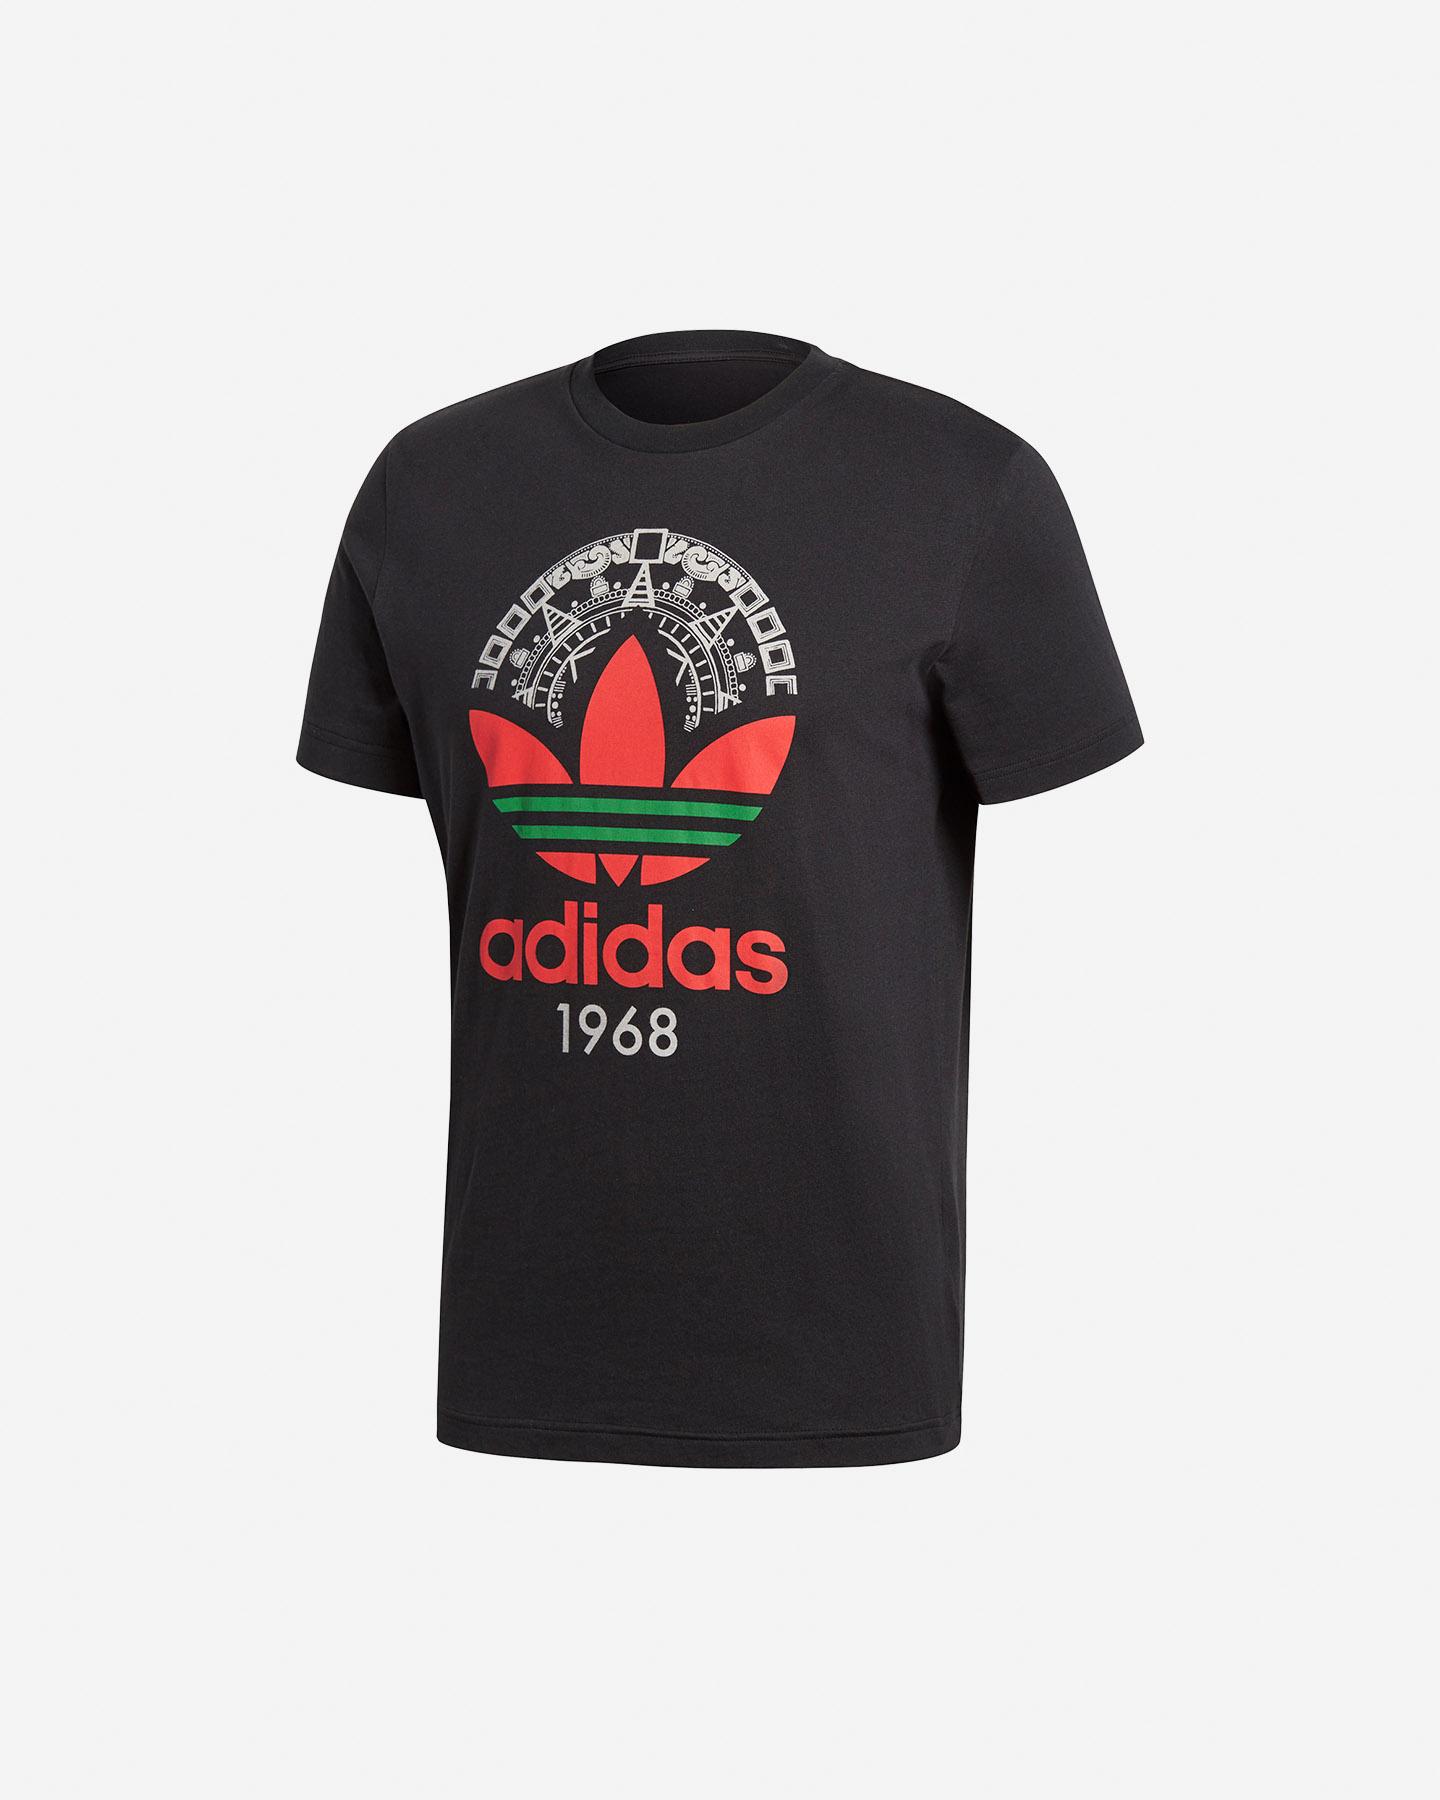 a4540e9b4d75 T-shirt Adidas Trefoil Tee M CD6825 | Cisalfa Sport